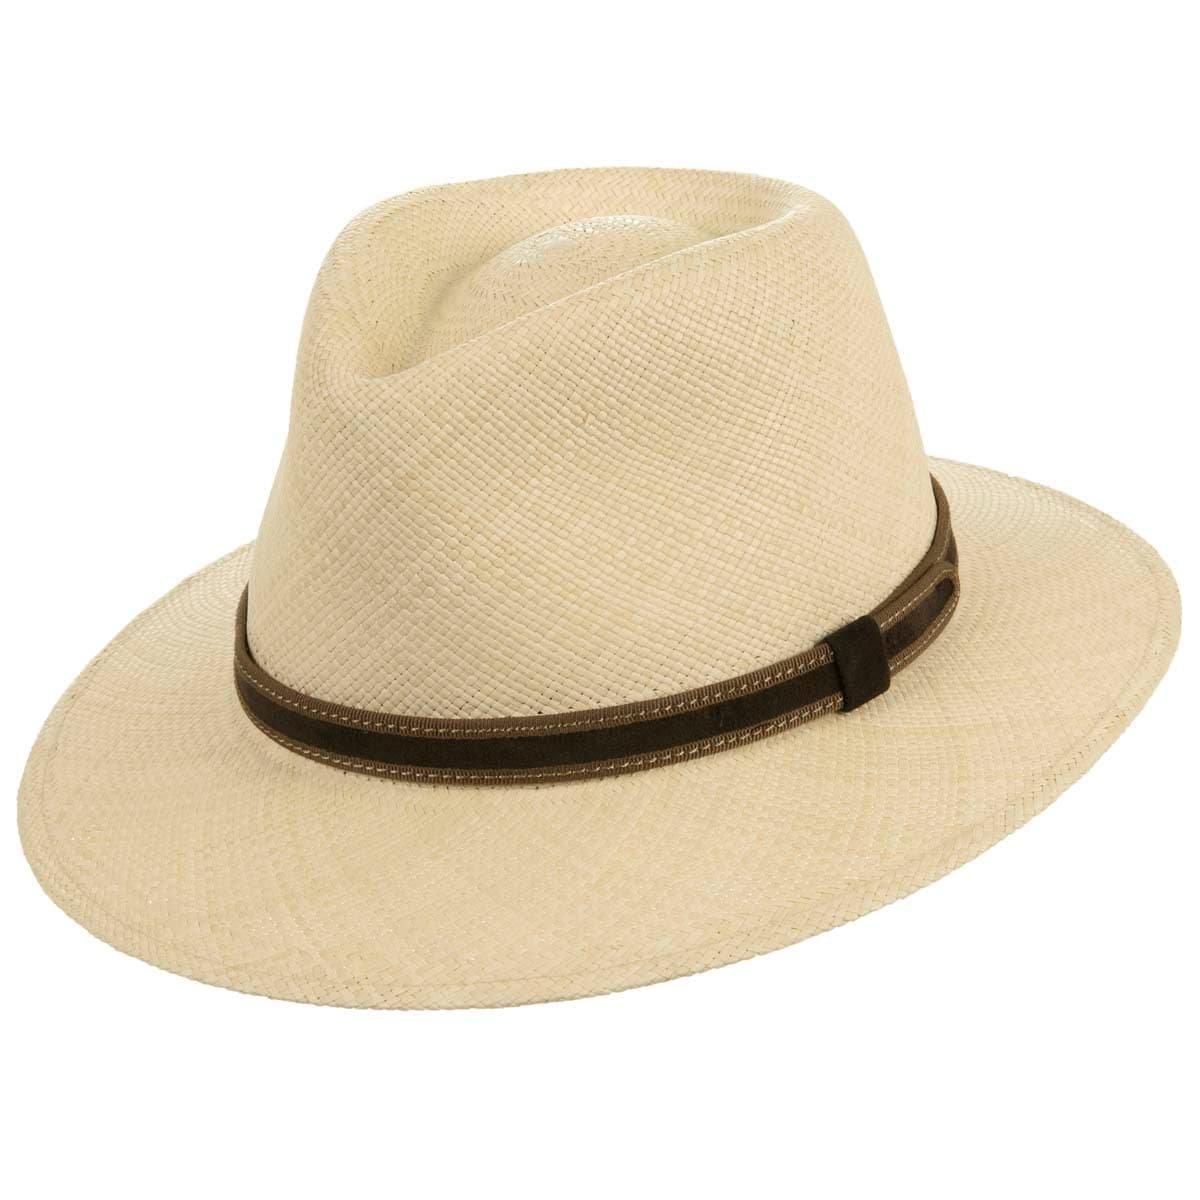 Cappello in paglia Panama a tesa larga firmato HUTTER ... 08a40e17426b